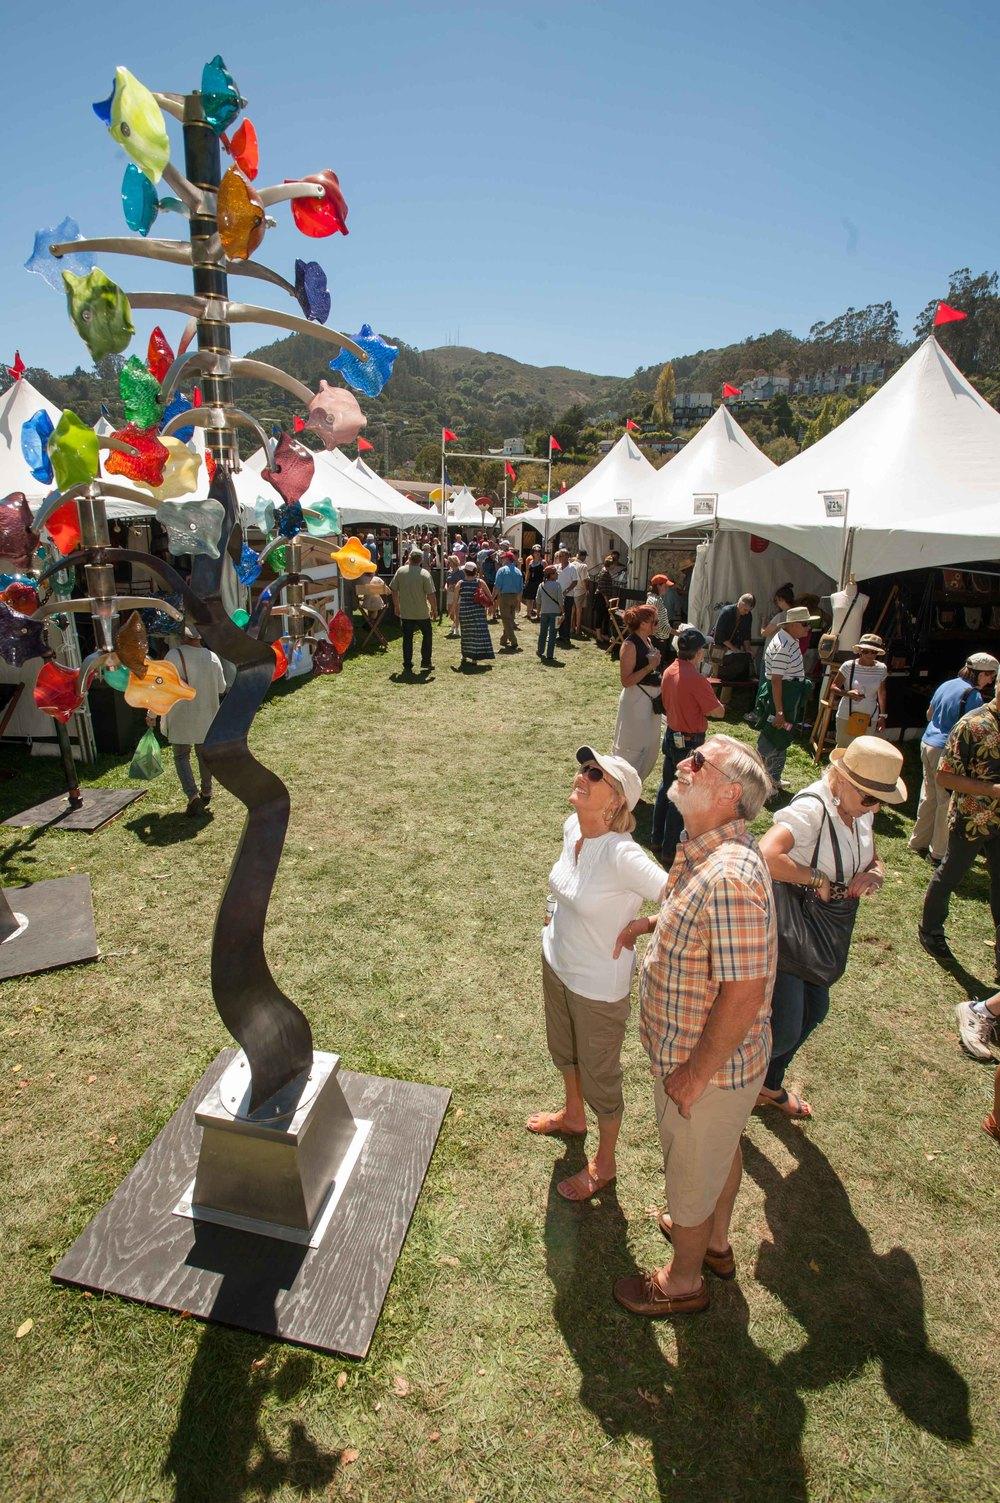 The 64th Annual Sausalito Arts Festival – 第64屆Sausalito藝術節 (9/3 – 9/5)